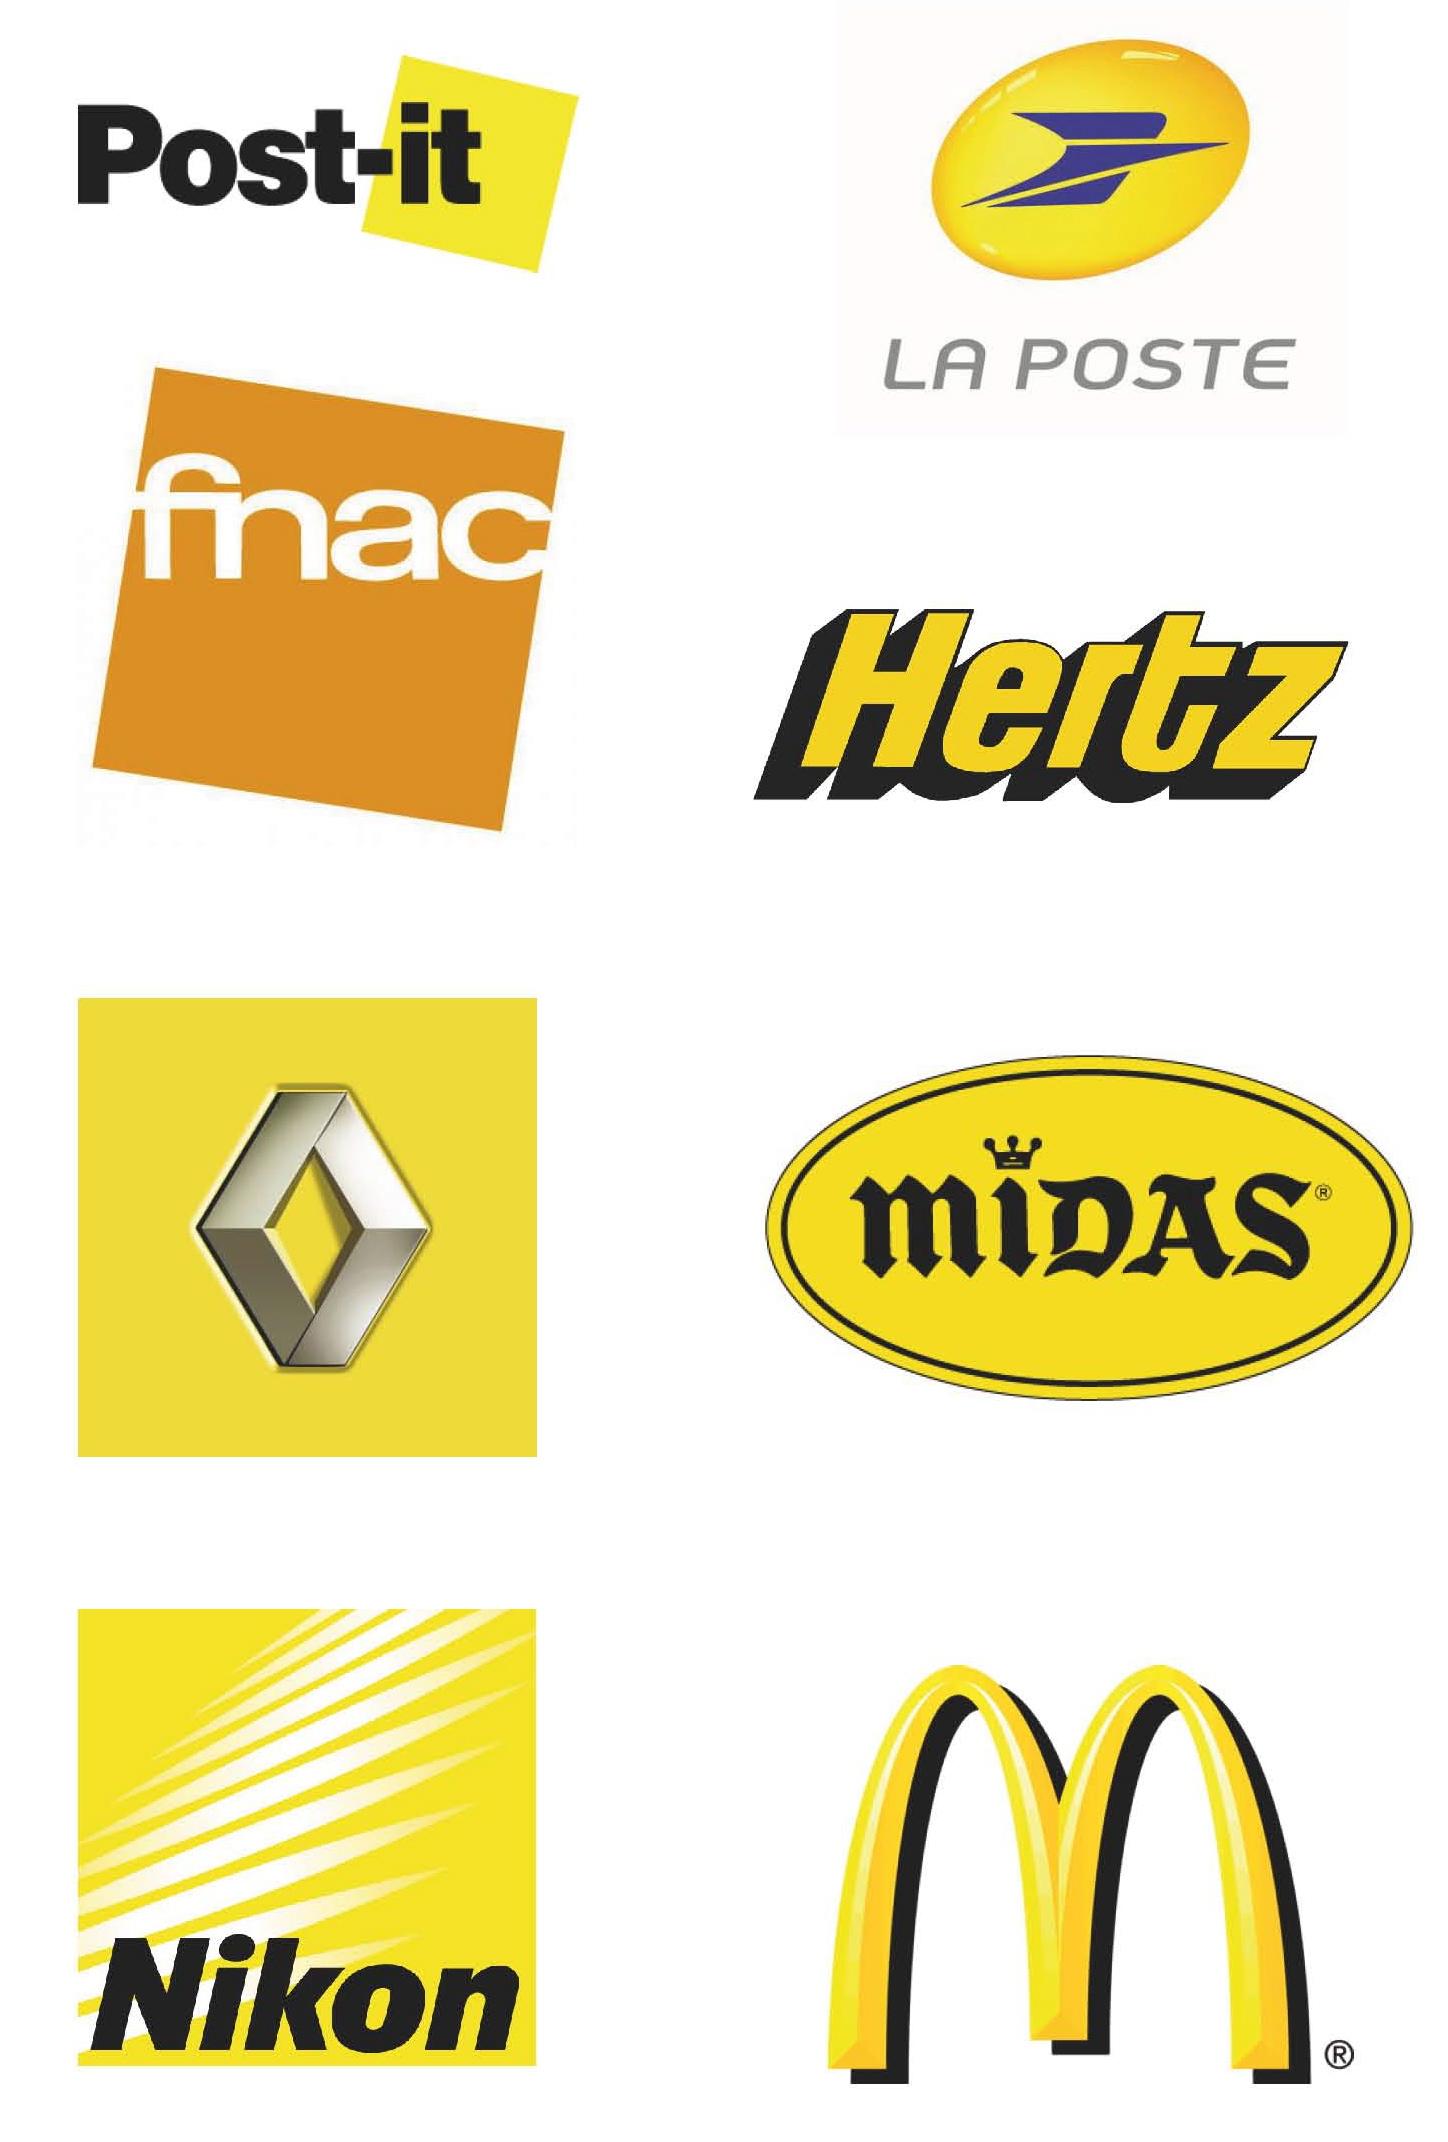 Chaussures CONVERSE noir DC Comics Batman capé Logo jaune Femmes/Hommes